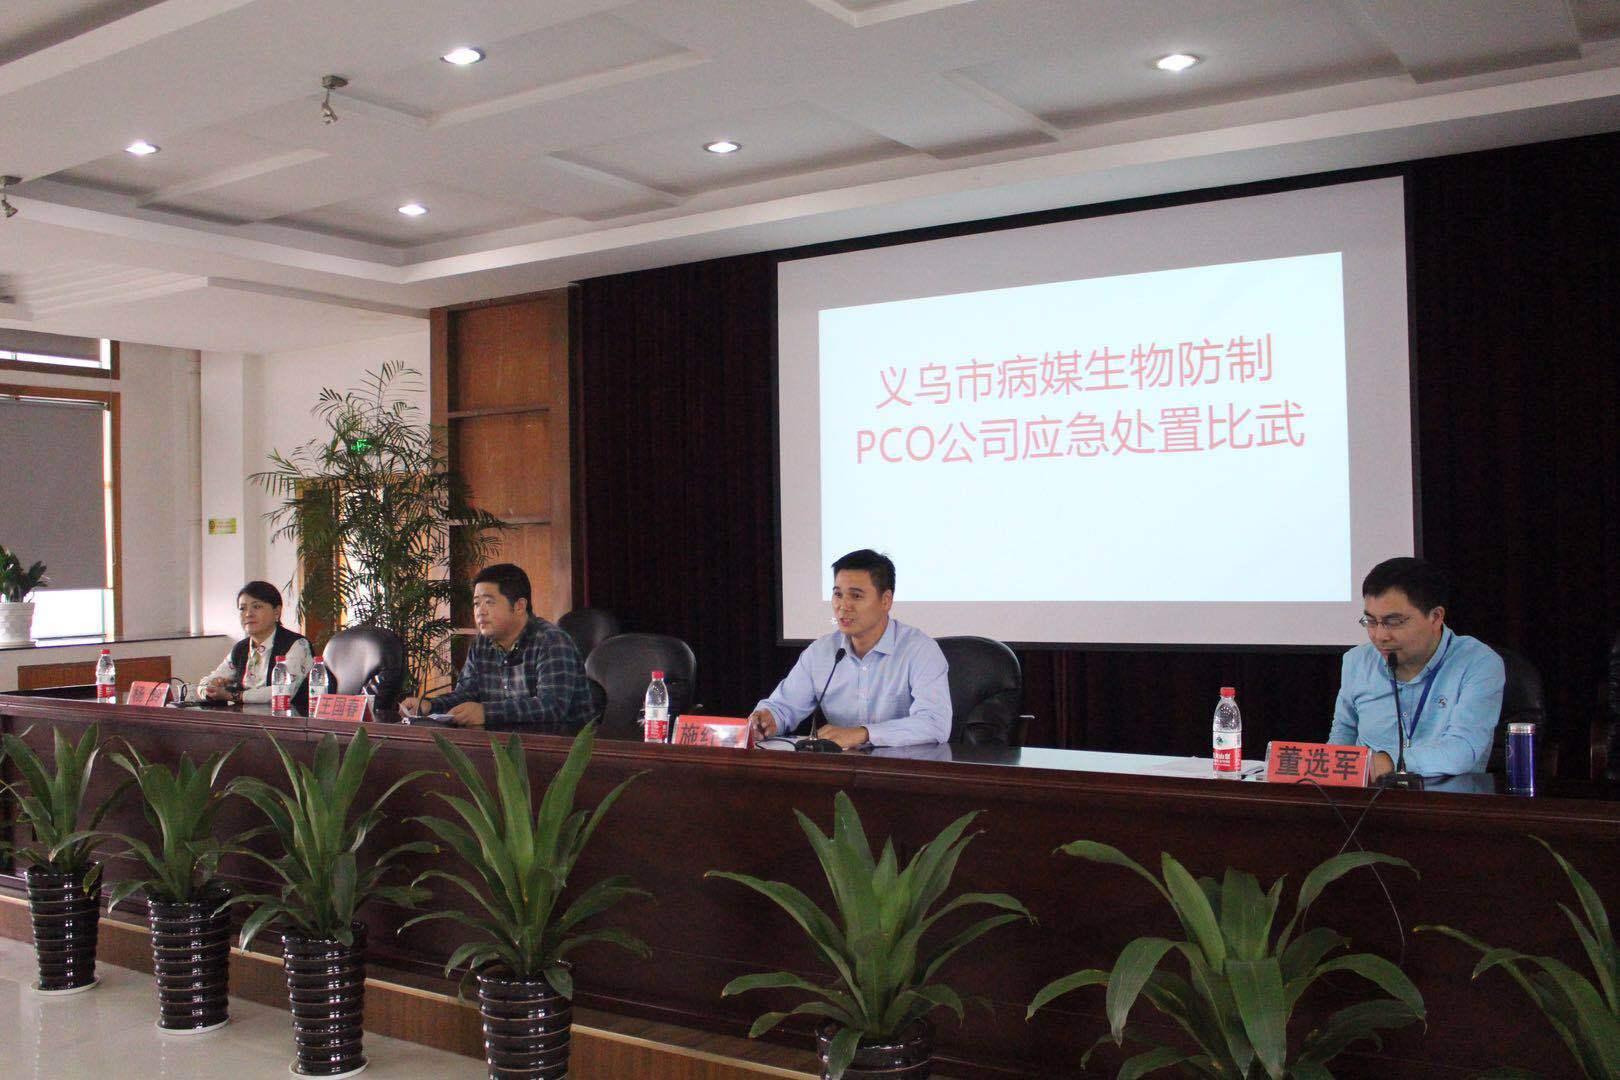 义乌市卫生计生委病媒生物防制举办PCO公司应急处置比武